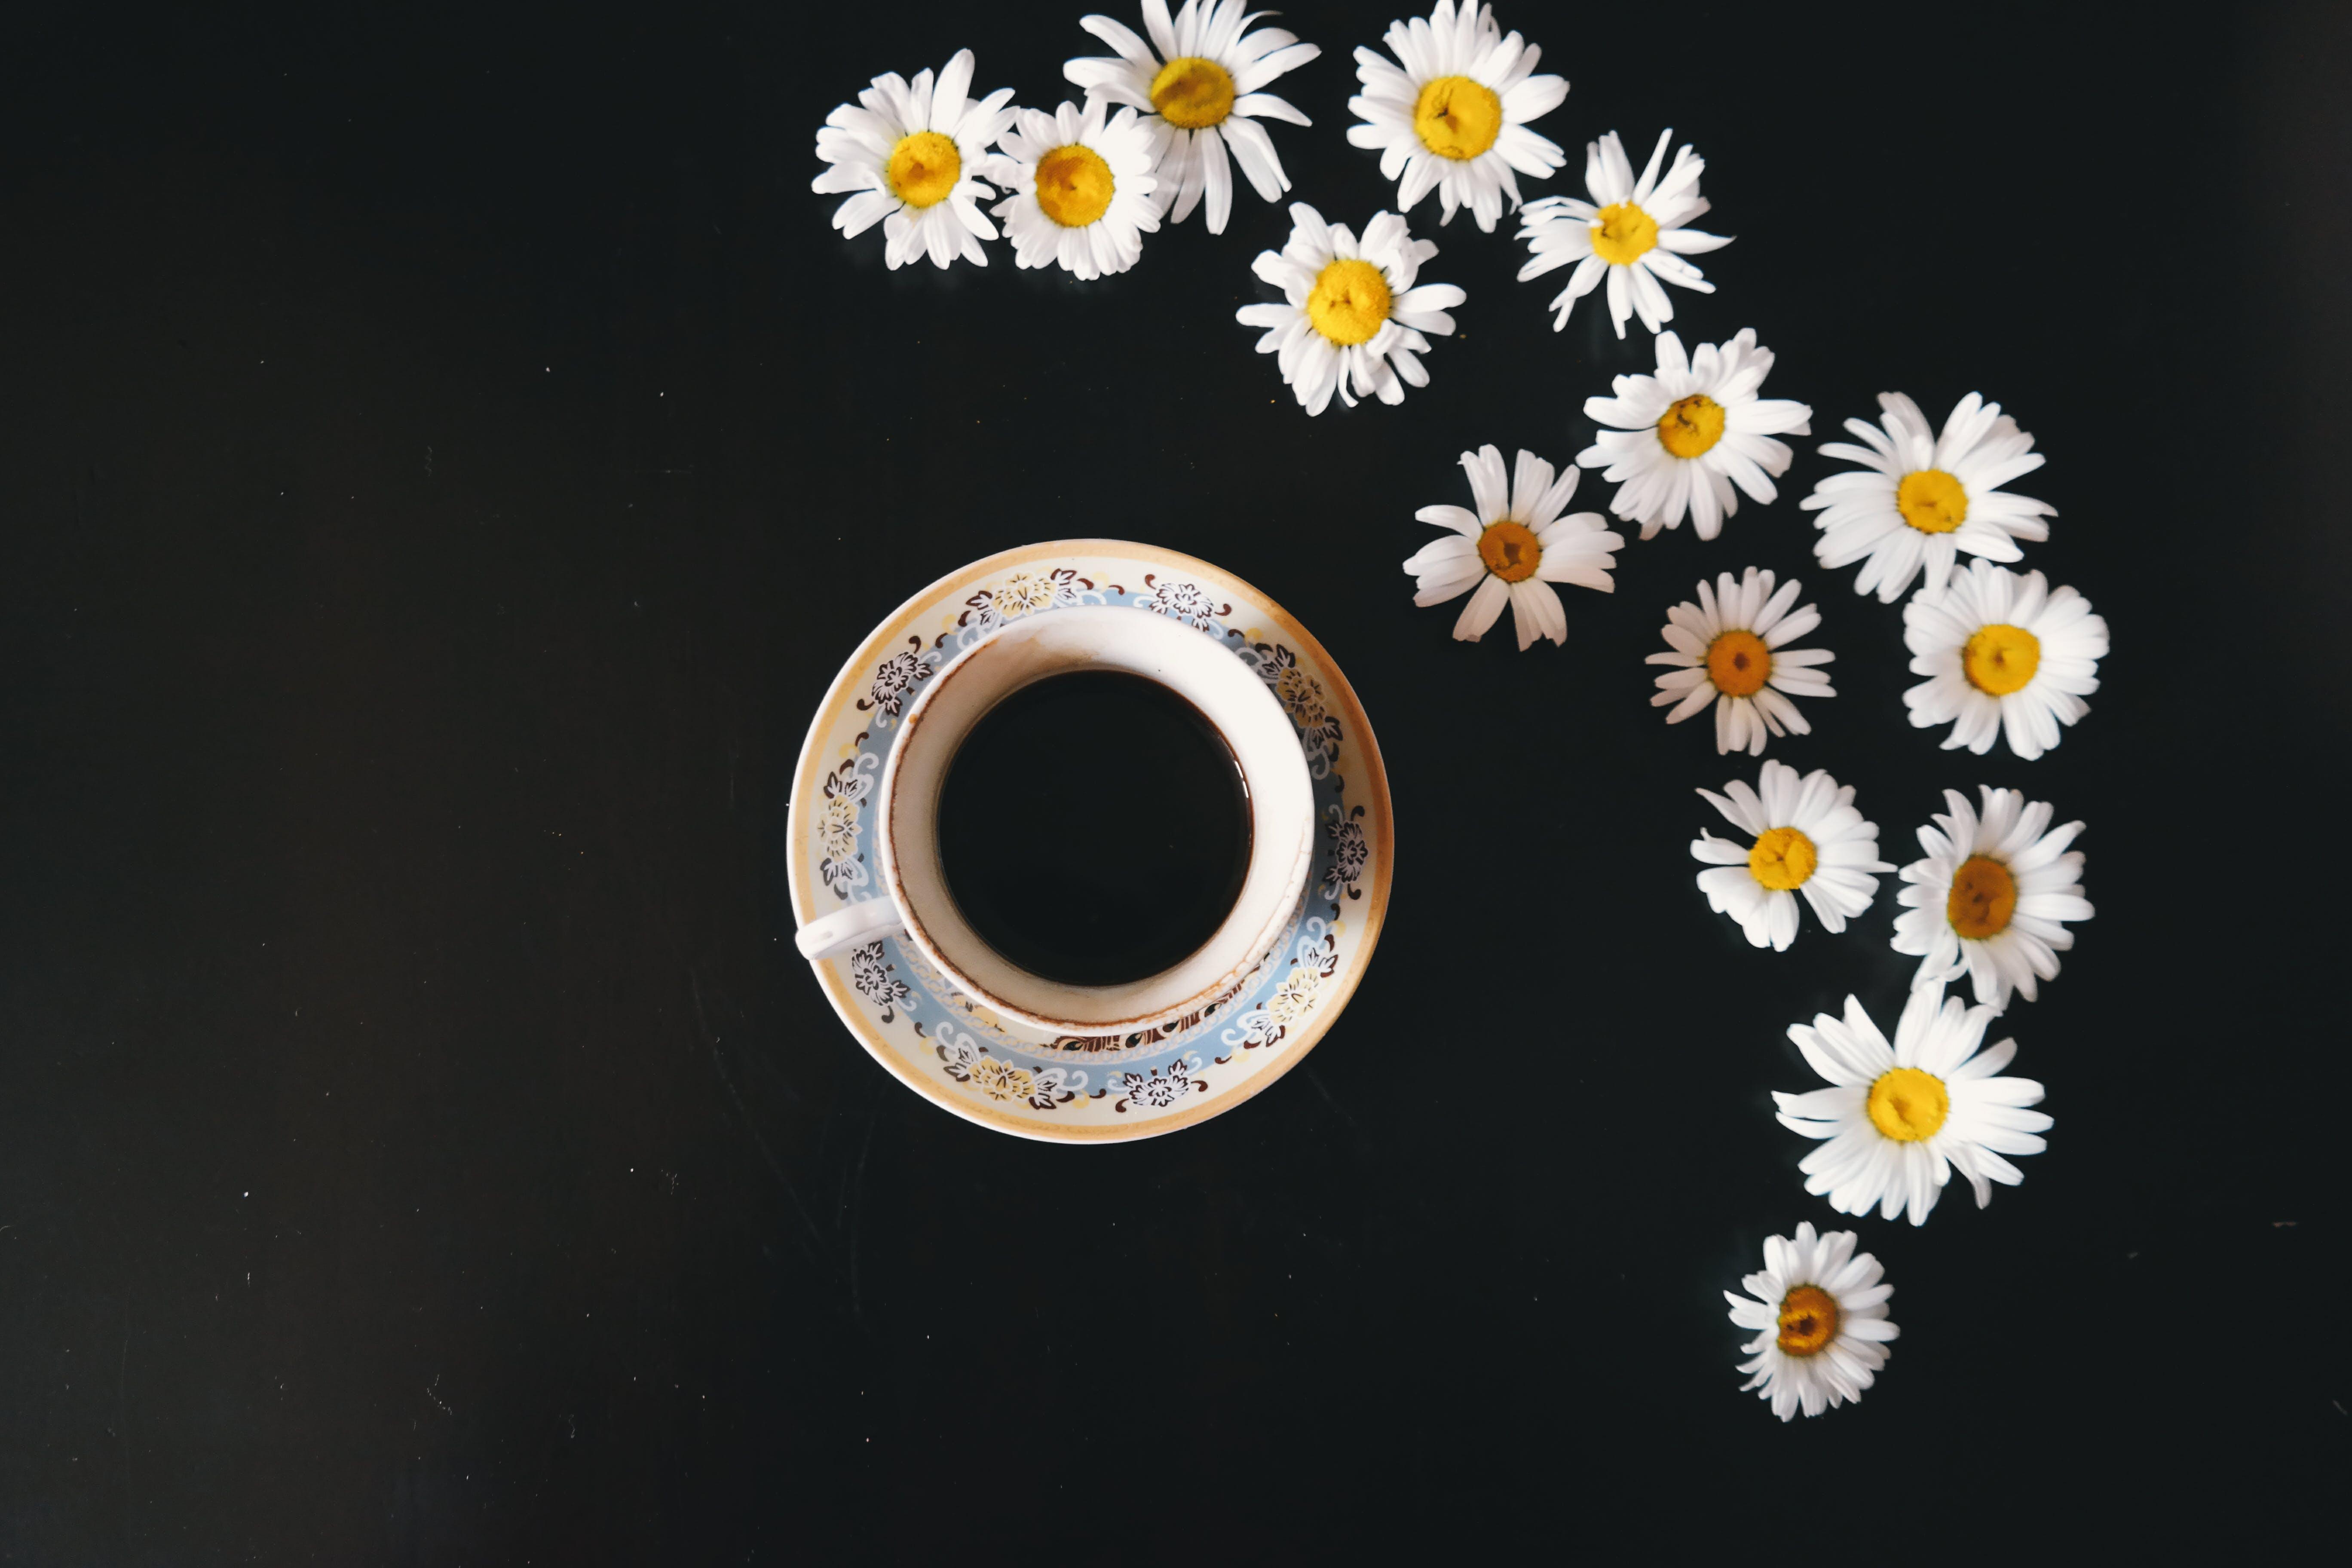 Kostenloses Stock Foto zu blumen, dunkel, farben, flora